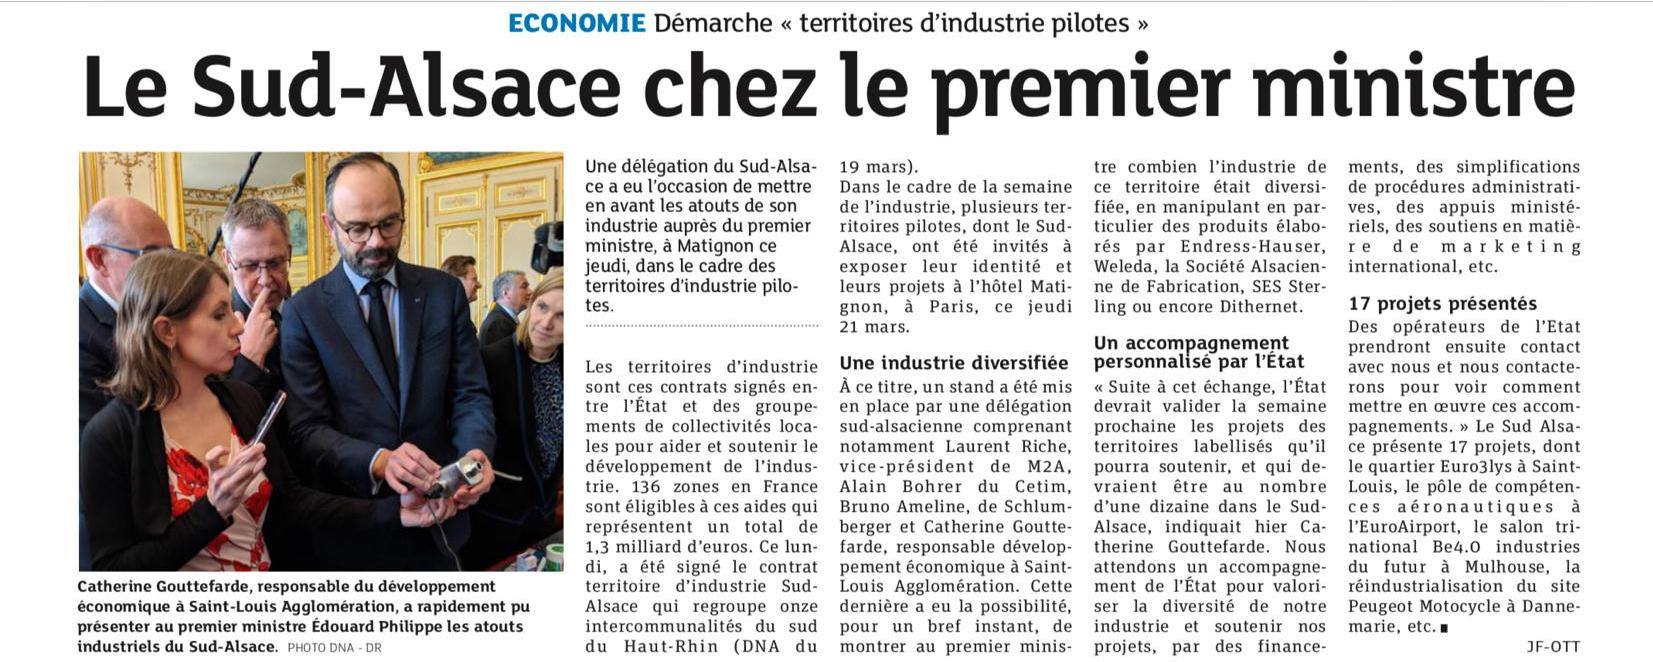 Dernieres nouvelles d'Alsace (DNA) - 22.03.2019